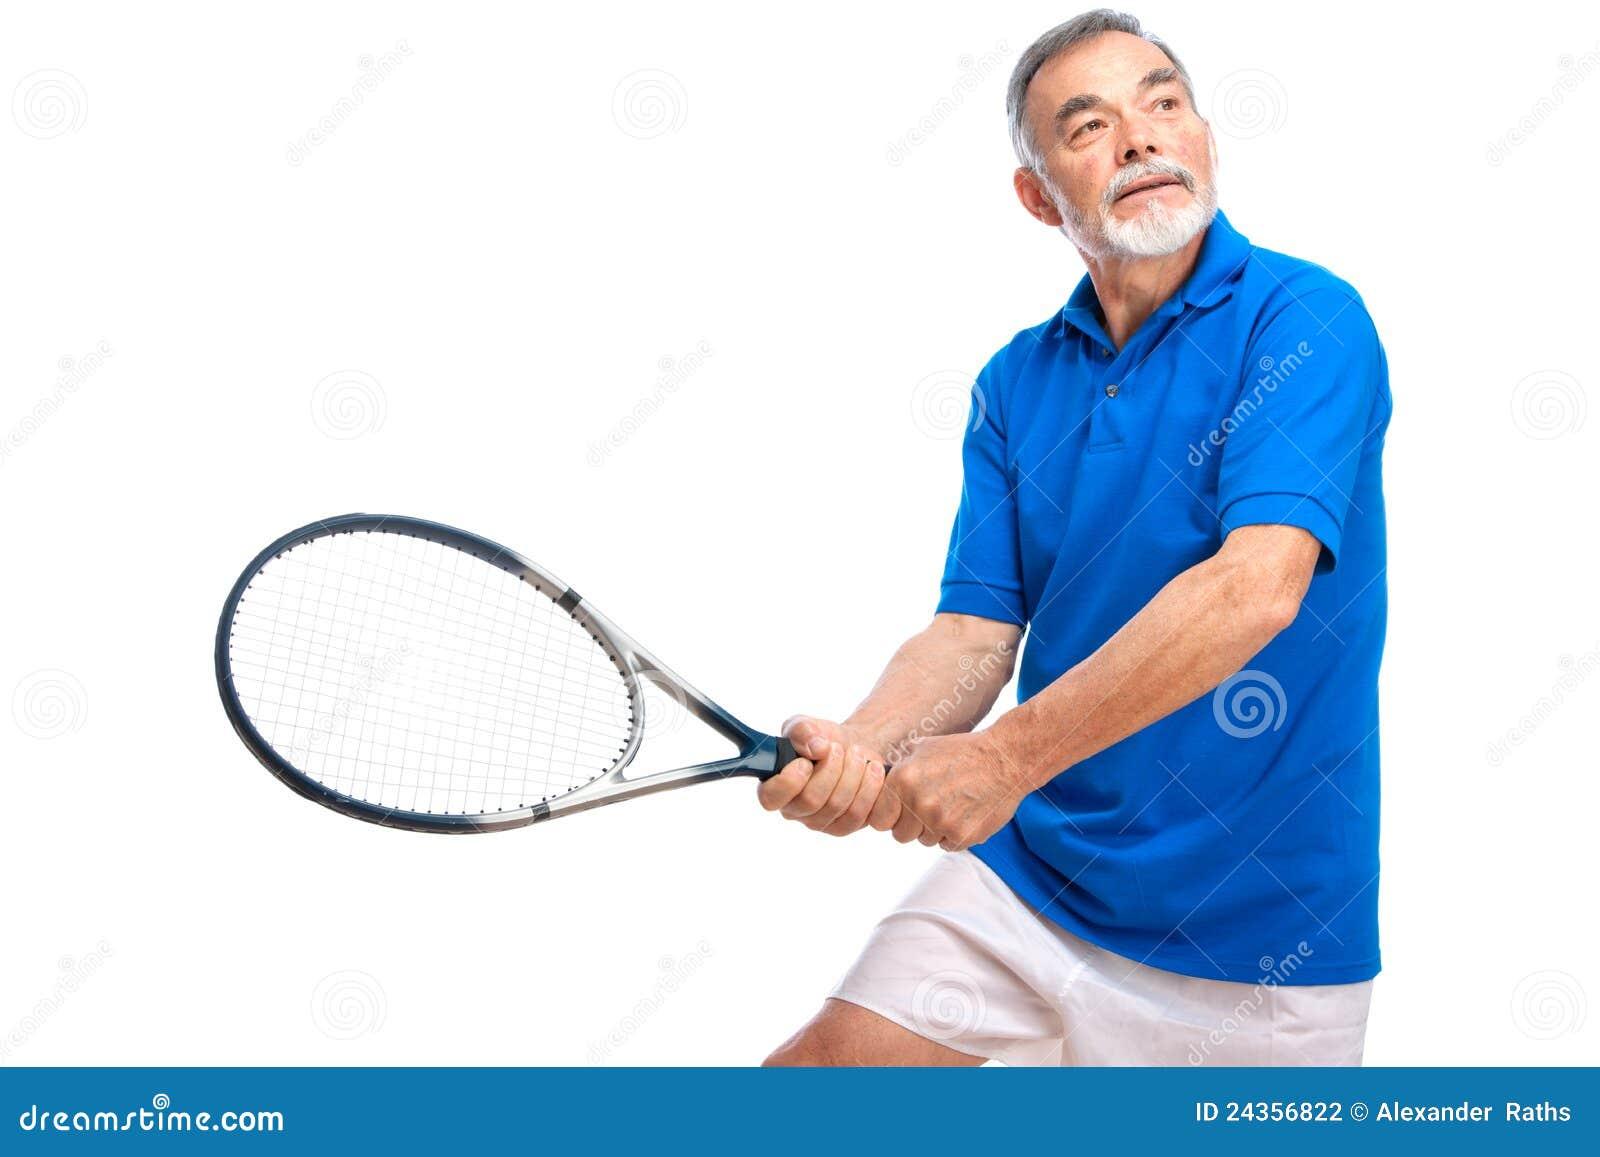 рисунки играть в теннис с мужчинами во сне житель Владикавказа